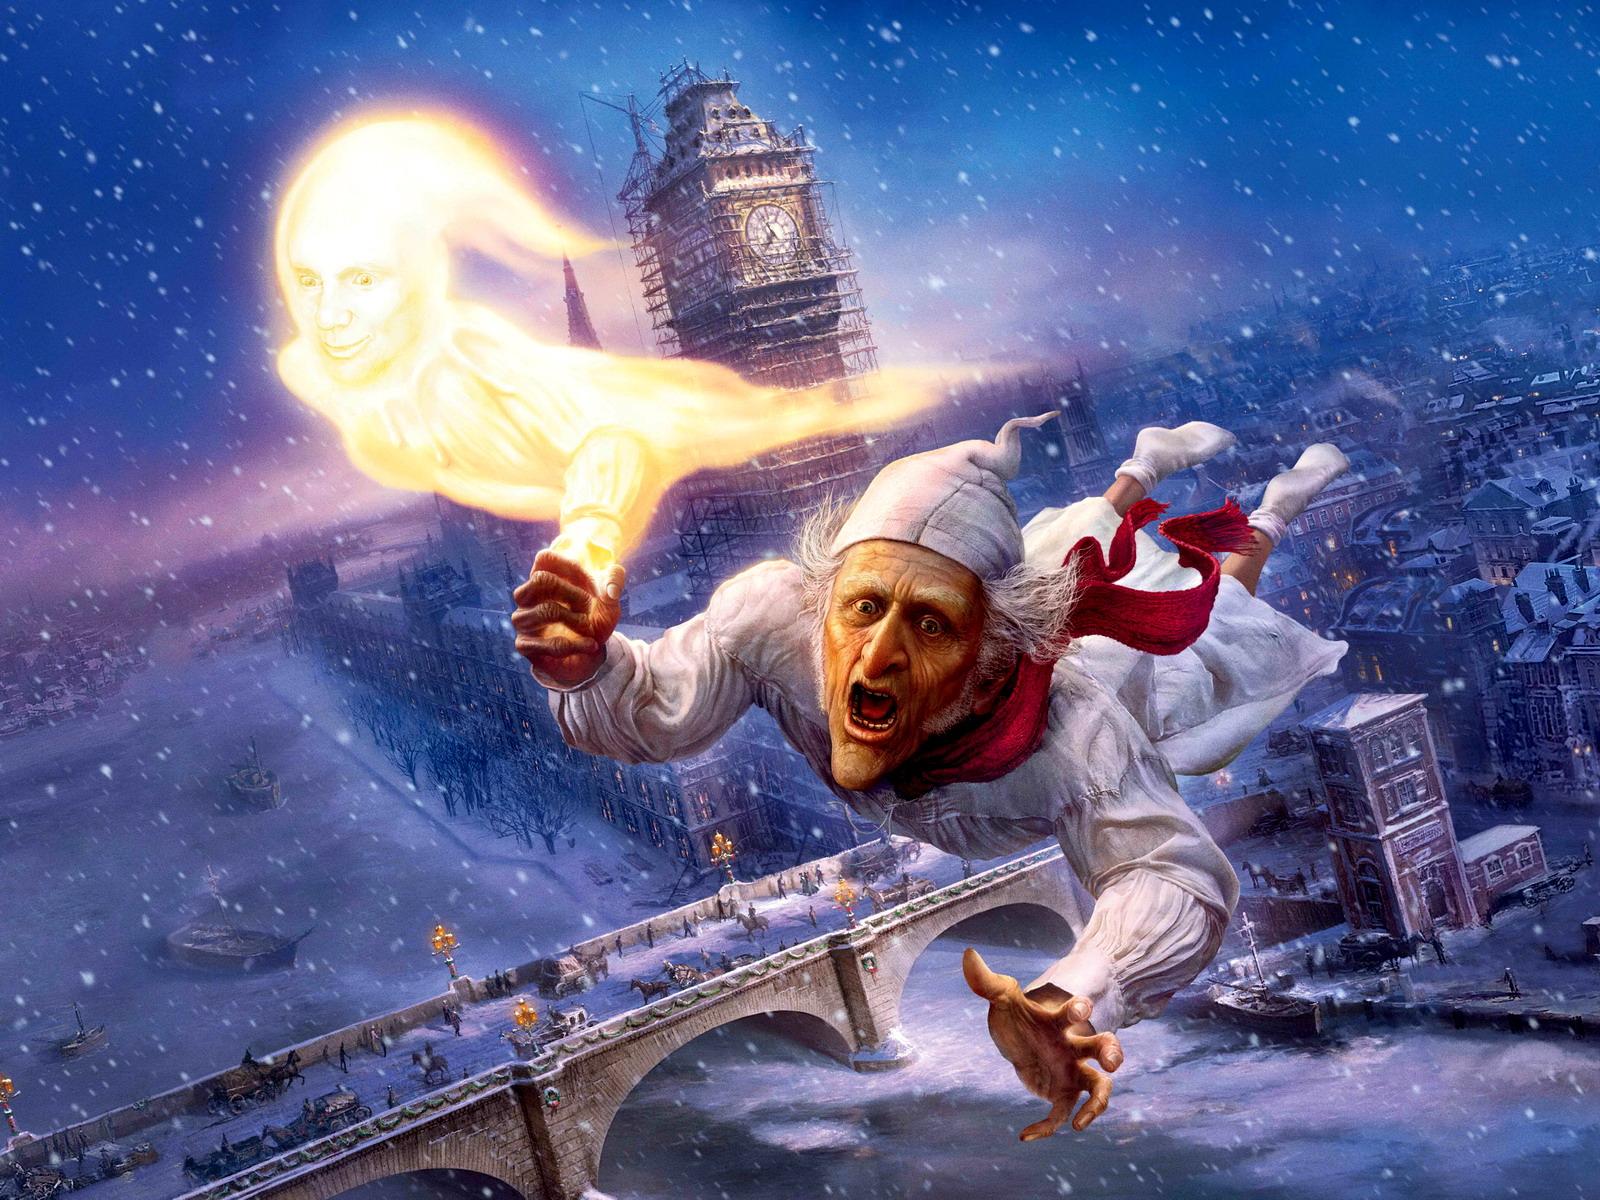 Bilder Disneys Eine Weihnachtsgeschichte Film